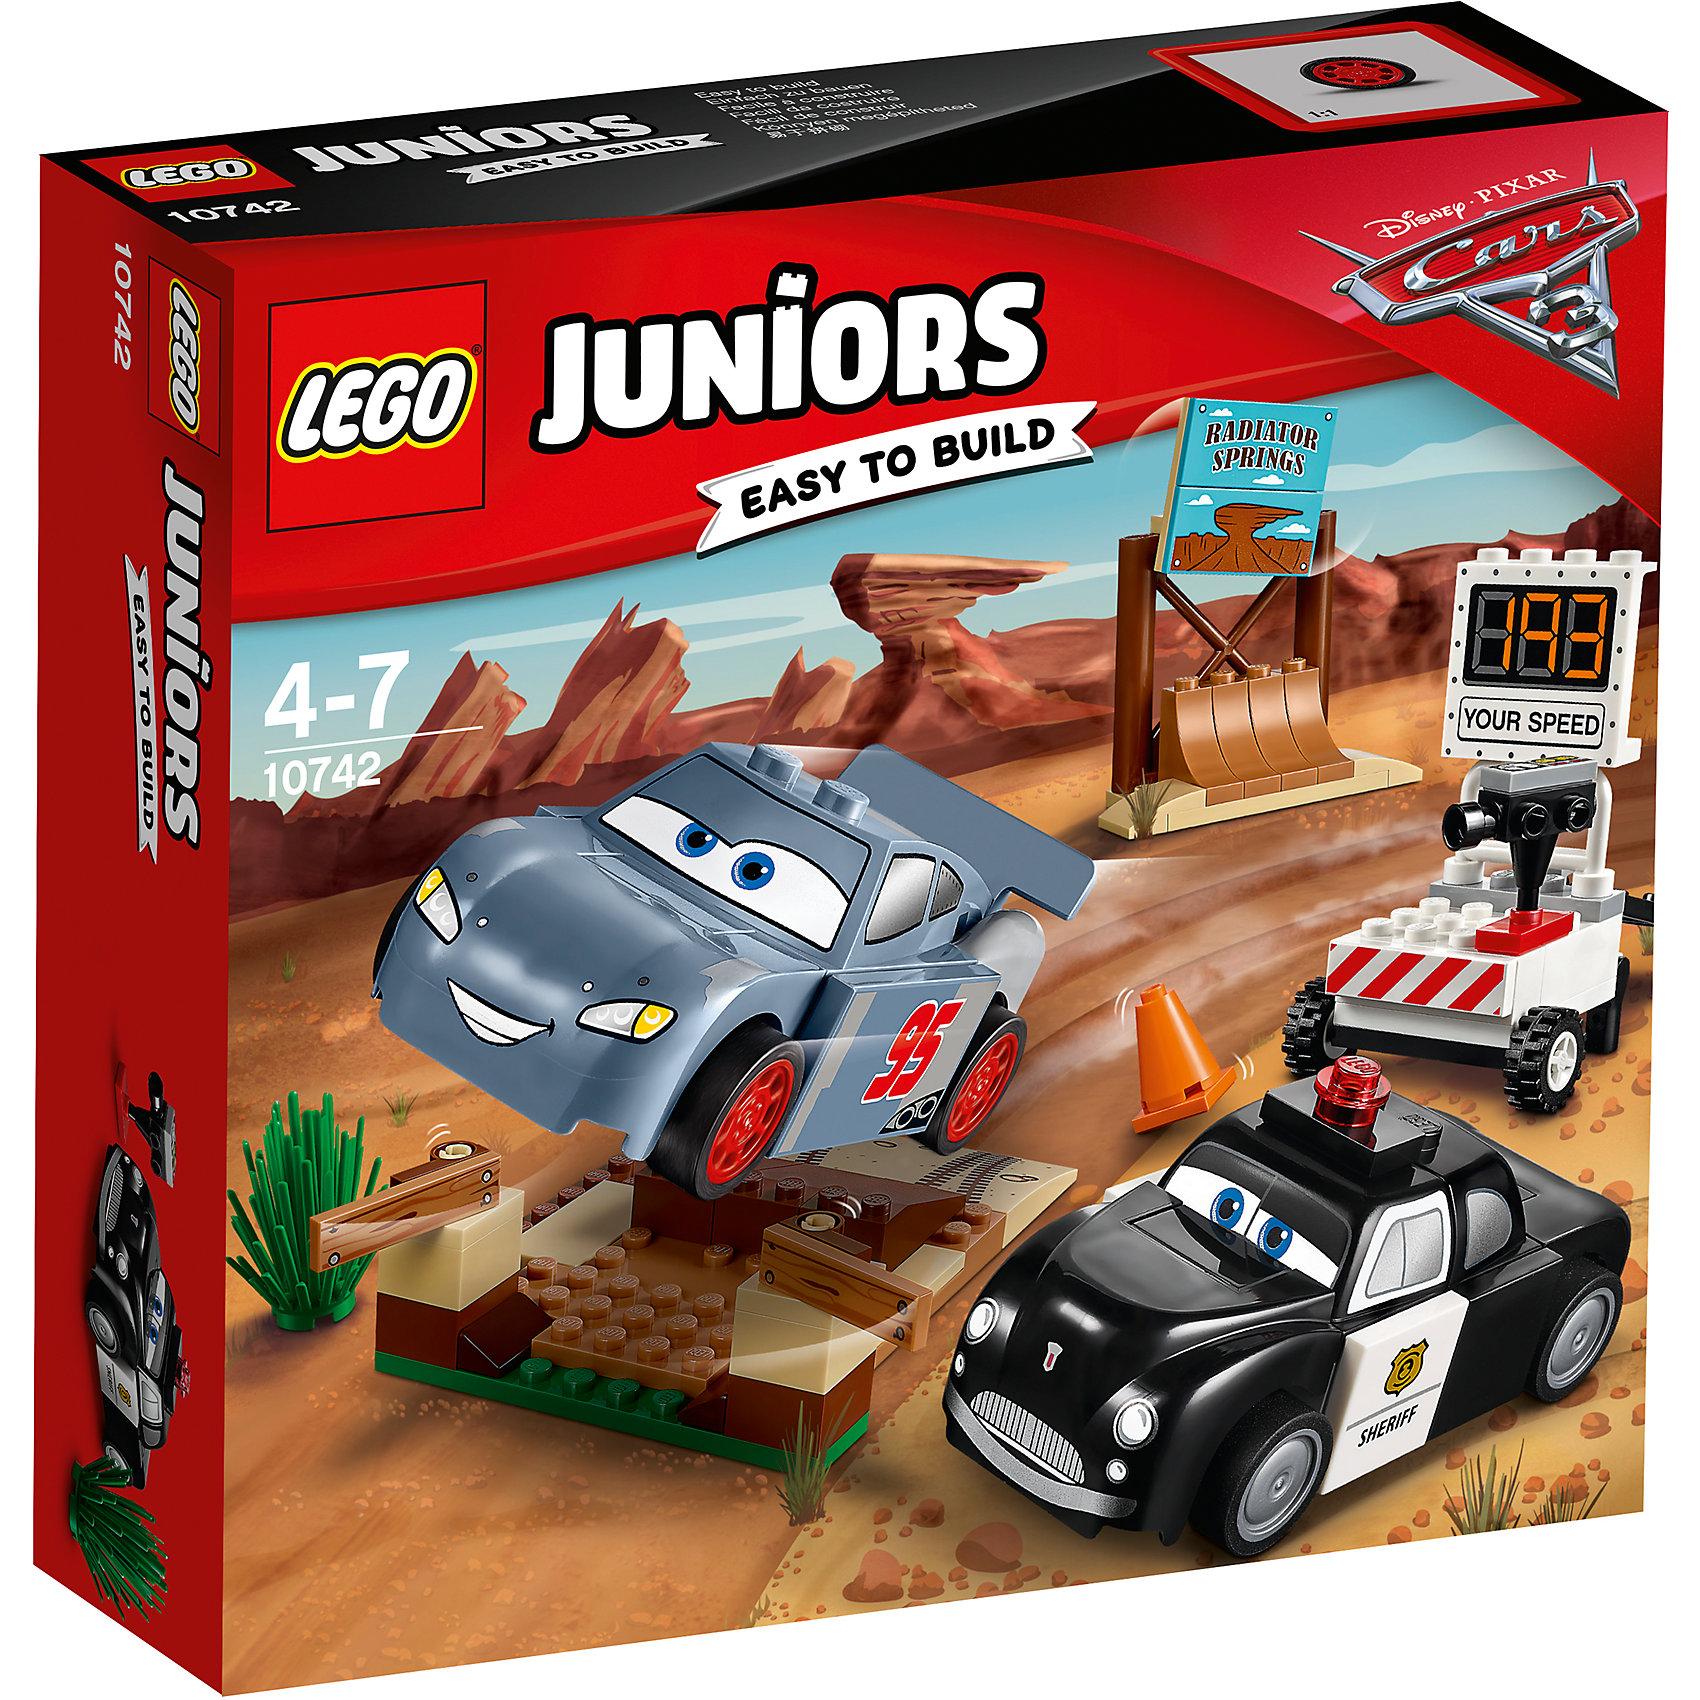 Конструктор LEGO Juniors 10742 Тачки 3: Тренировочный полигон Вилли БуттаПластмассовые конструкторы<br>Характеристики товара:<br><br>• возраст: от 4 лет;<br>• материал: пластик;<br>• в комплекте: 95 деталей, инструкция;<br>• размер упаковки: 20,5х19,1х6 см;<br>• вес упаковки: 250 гр.;<br>• страна производитель: Венгрия.<br><br>Конструктор Lego Juniors «Тренировочный полигон Вилли Бутта» создан по мотивам мультфильма «Тачки 3». Вилли Бутт — шериф, который поможет Молнии МакКуину подготовится к предстоящей гонке. На стартовой площадке для разгона имеется спуск, скатившись с которого Молния МакКуин набирает скорость. На полигоне предусмотрен спидометр для считывания скорости, который крепится к багажнику Вилли Бутта. <br><br>Из элементов предстоит собрать 2 машинки, спидометр, тренировочную площадку, заградительное сооружение. Все детали конструктора созданы из качественных безопасных материалов. В процессе сборки у ребенка развивается мелкая моторика рук, усидчивость, логическое мышление.<br><br>Конструктор Lego Juniors «Тренировочный полигон Вилли Бутта» можно приобрести в нашем интернет-магазине.<br><br>Ширина мм: 207<br>Глубина мм: 192<br>Высота мм: 63<br>Вес г: 247<br>Возраст от месяцев: 48<br>Возраст до месяцев: 84<br>Пол: Мужской<br>Возраст: Детский<br>SKU: 5620060